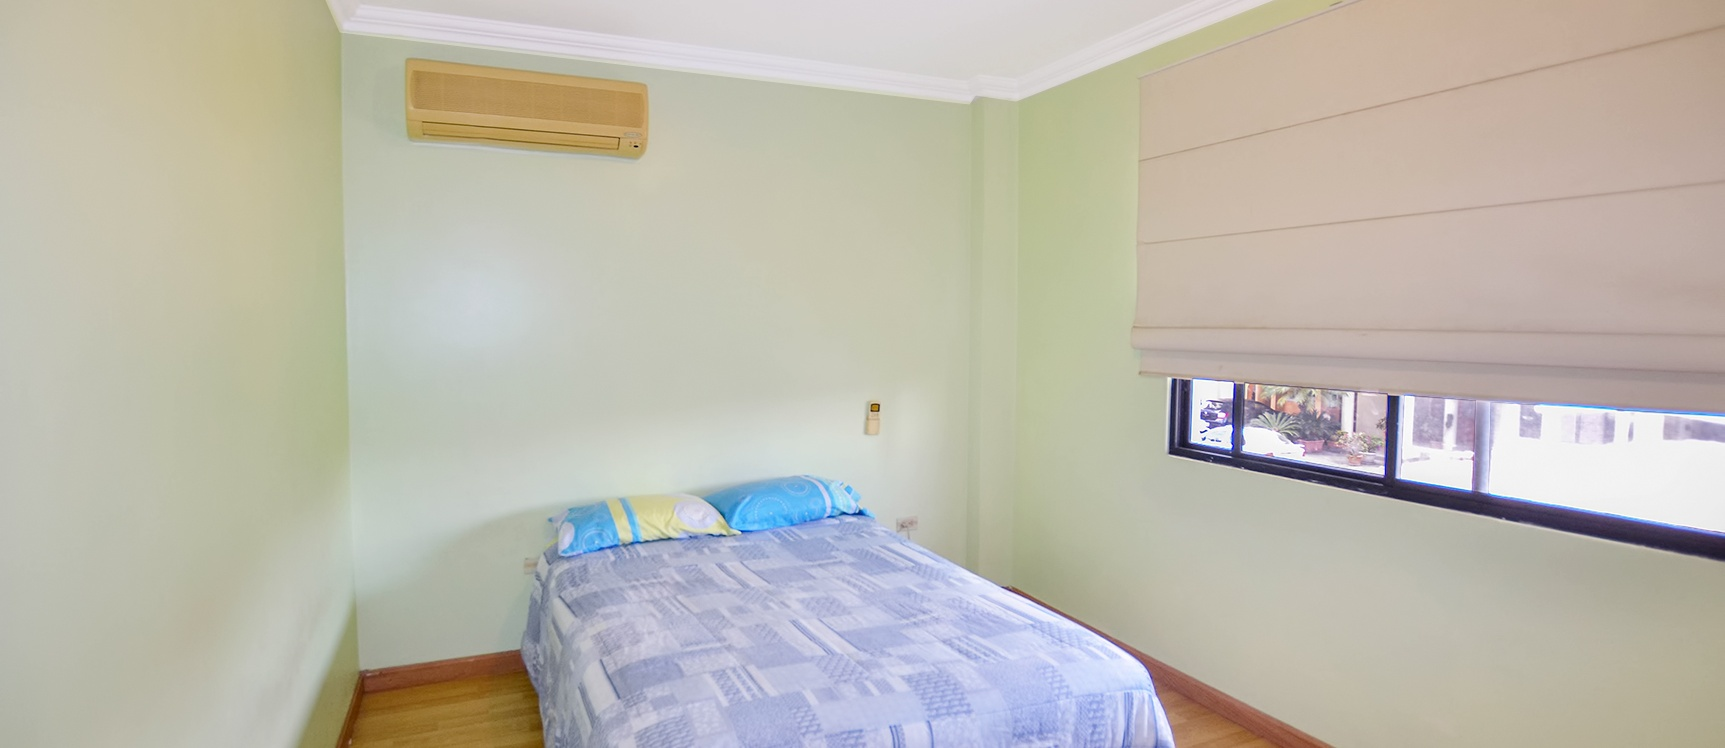 GeoBienes - Casa en alquiler en Camino del Río vía a Samborondón - Plusvalia Guayaquil Casas de venta y alquiler Inmobiliaria Ecuador